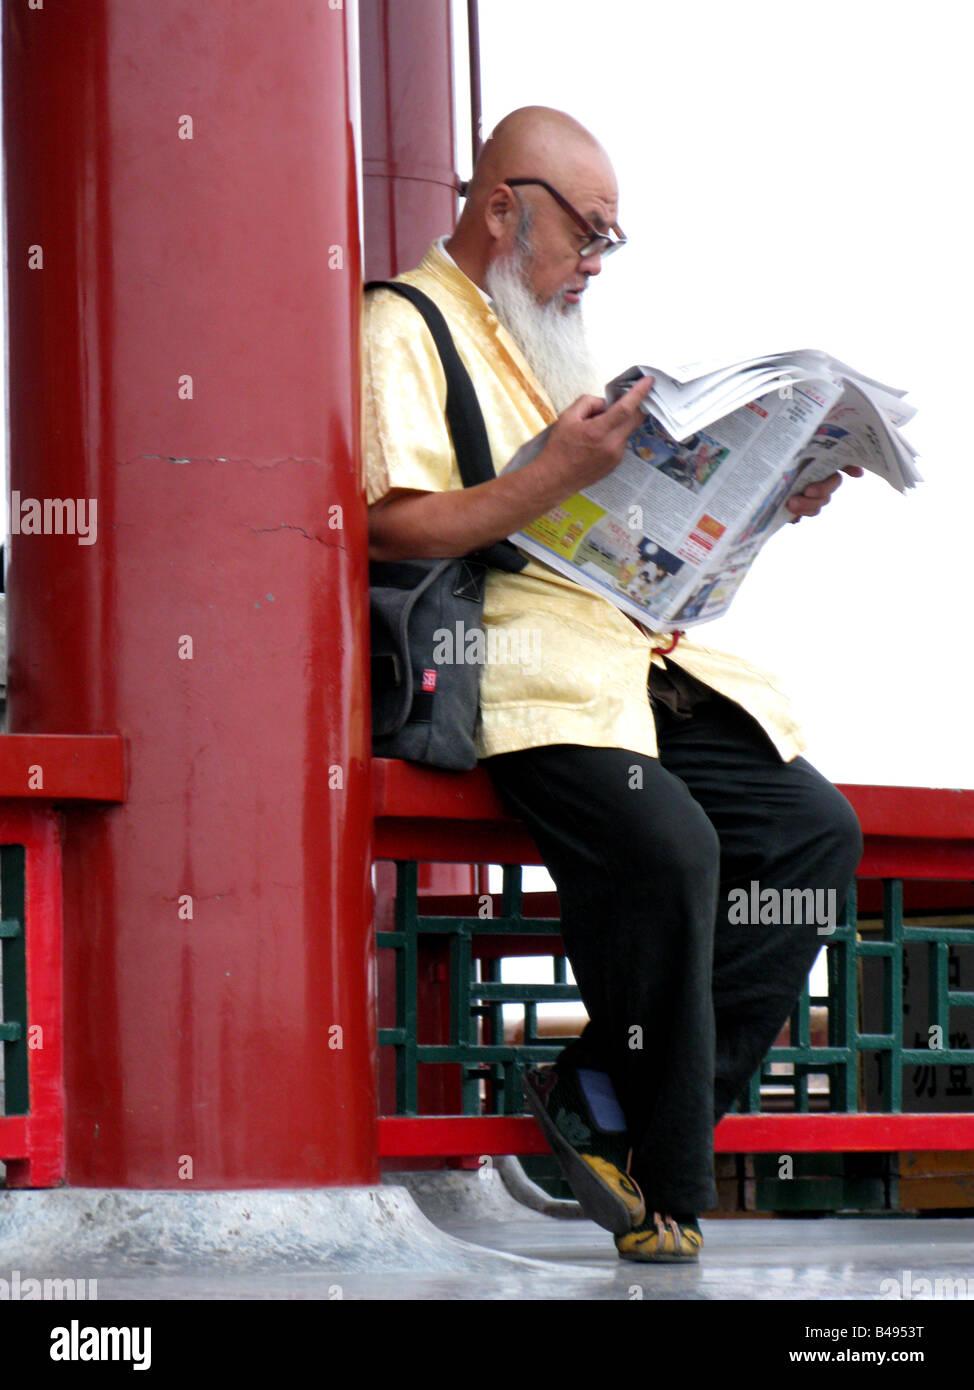 A bald man reads a newspaper in the Shichahai Hutong near Yinding Bridge in Beijing, China - Stock Image